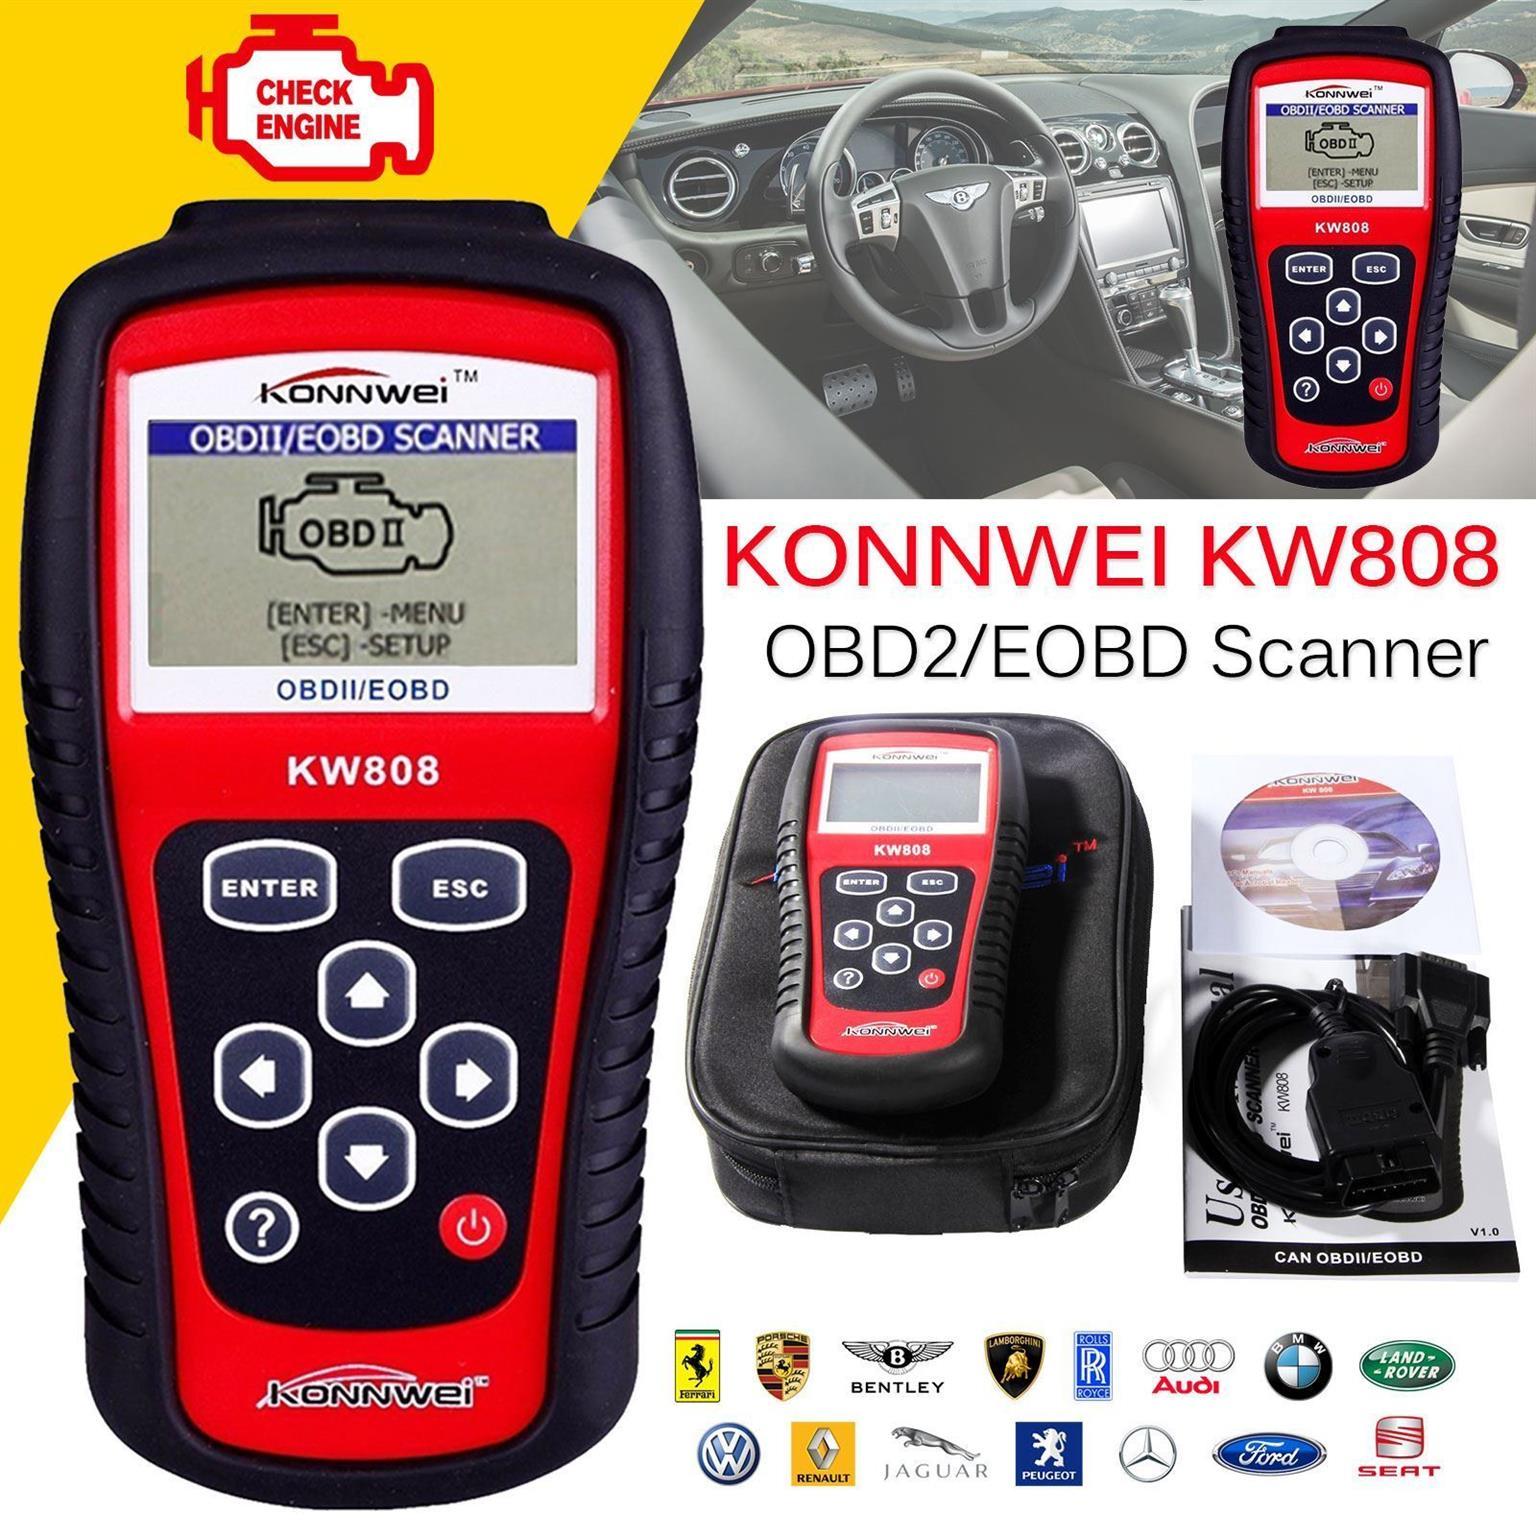 KONNWEI KW808 (OBD2) DIAGNOSTIC CODE READER RESET TOOLS FOR SALE!!